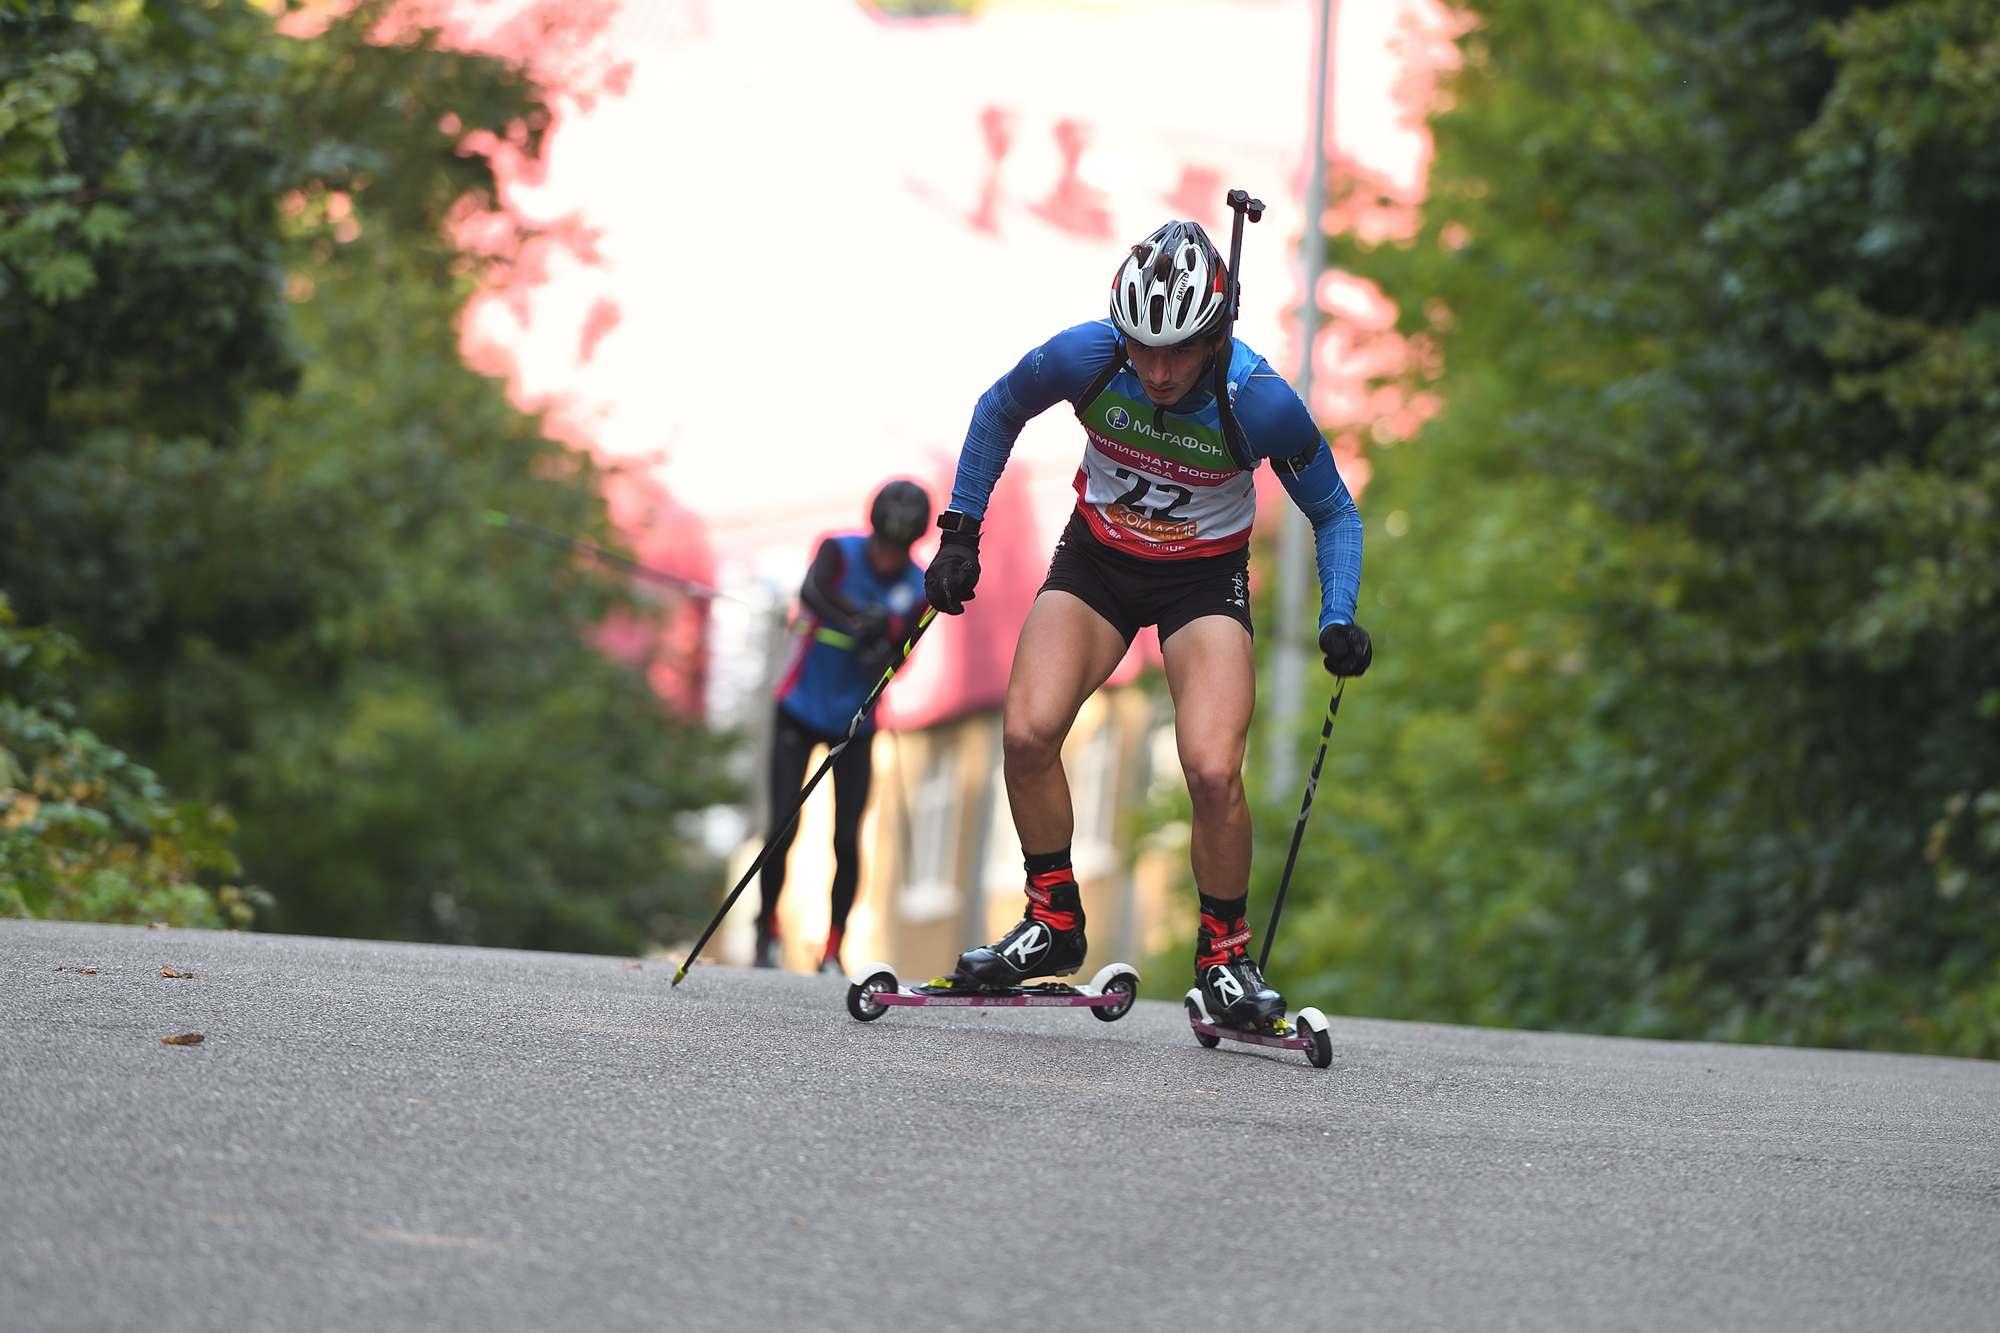 22 сентября стартует Чемпионат Беларуси по летнему биатлону